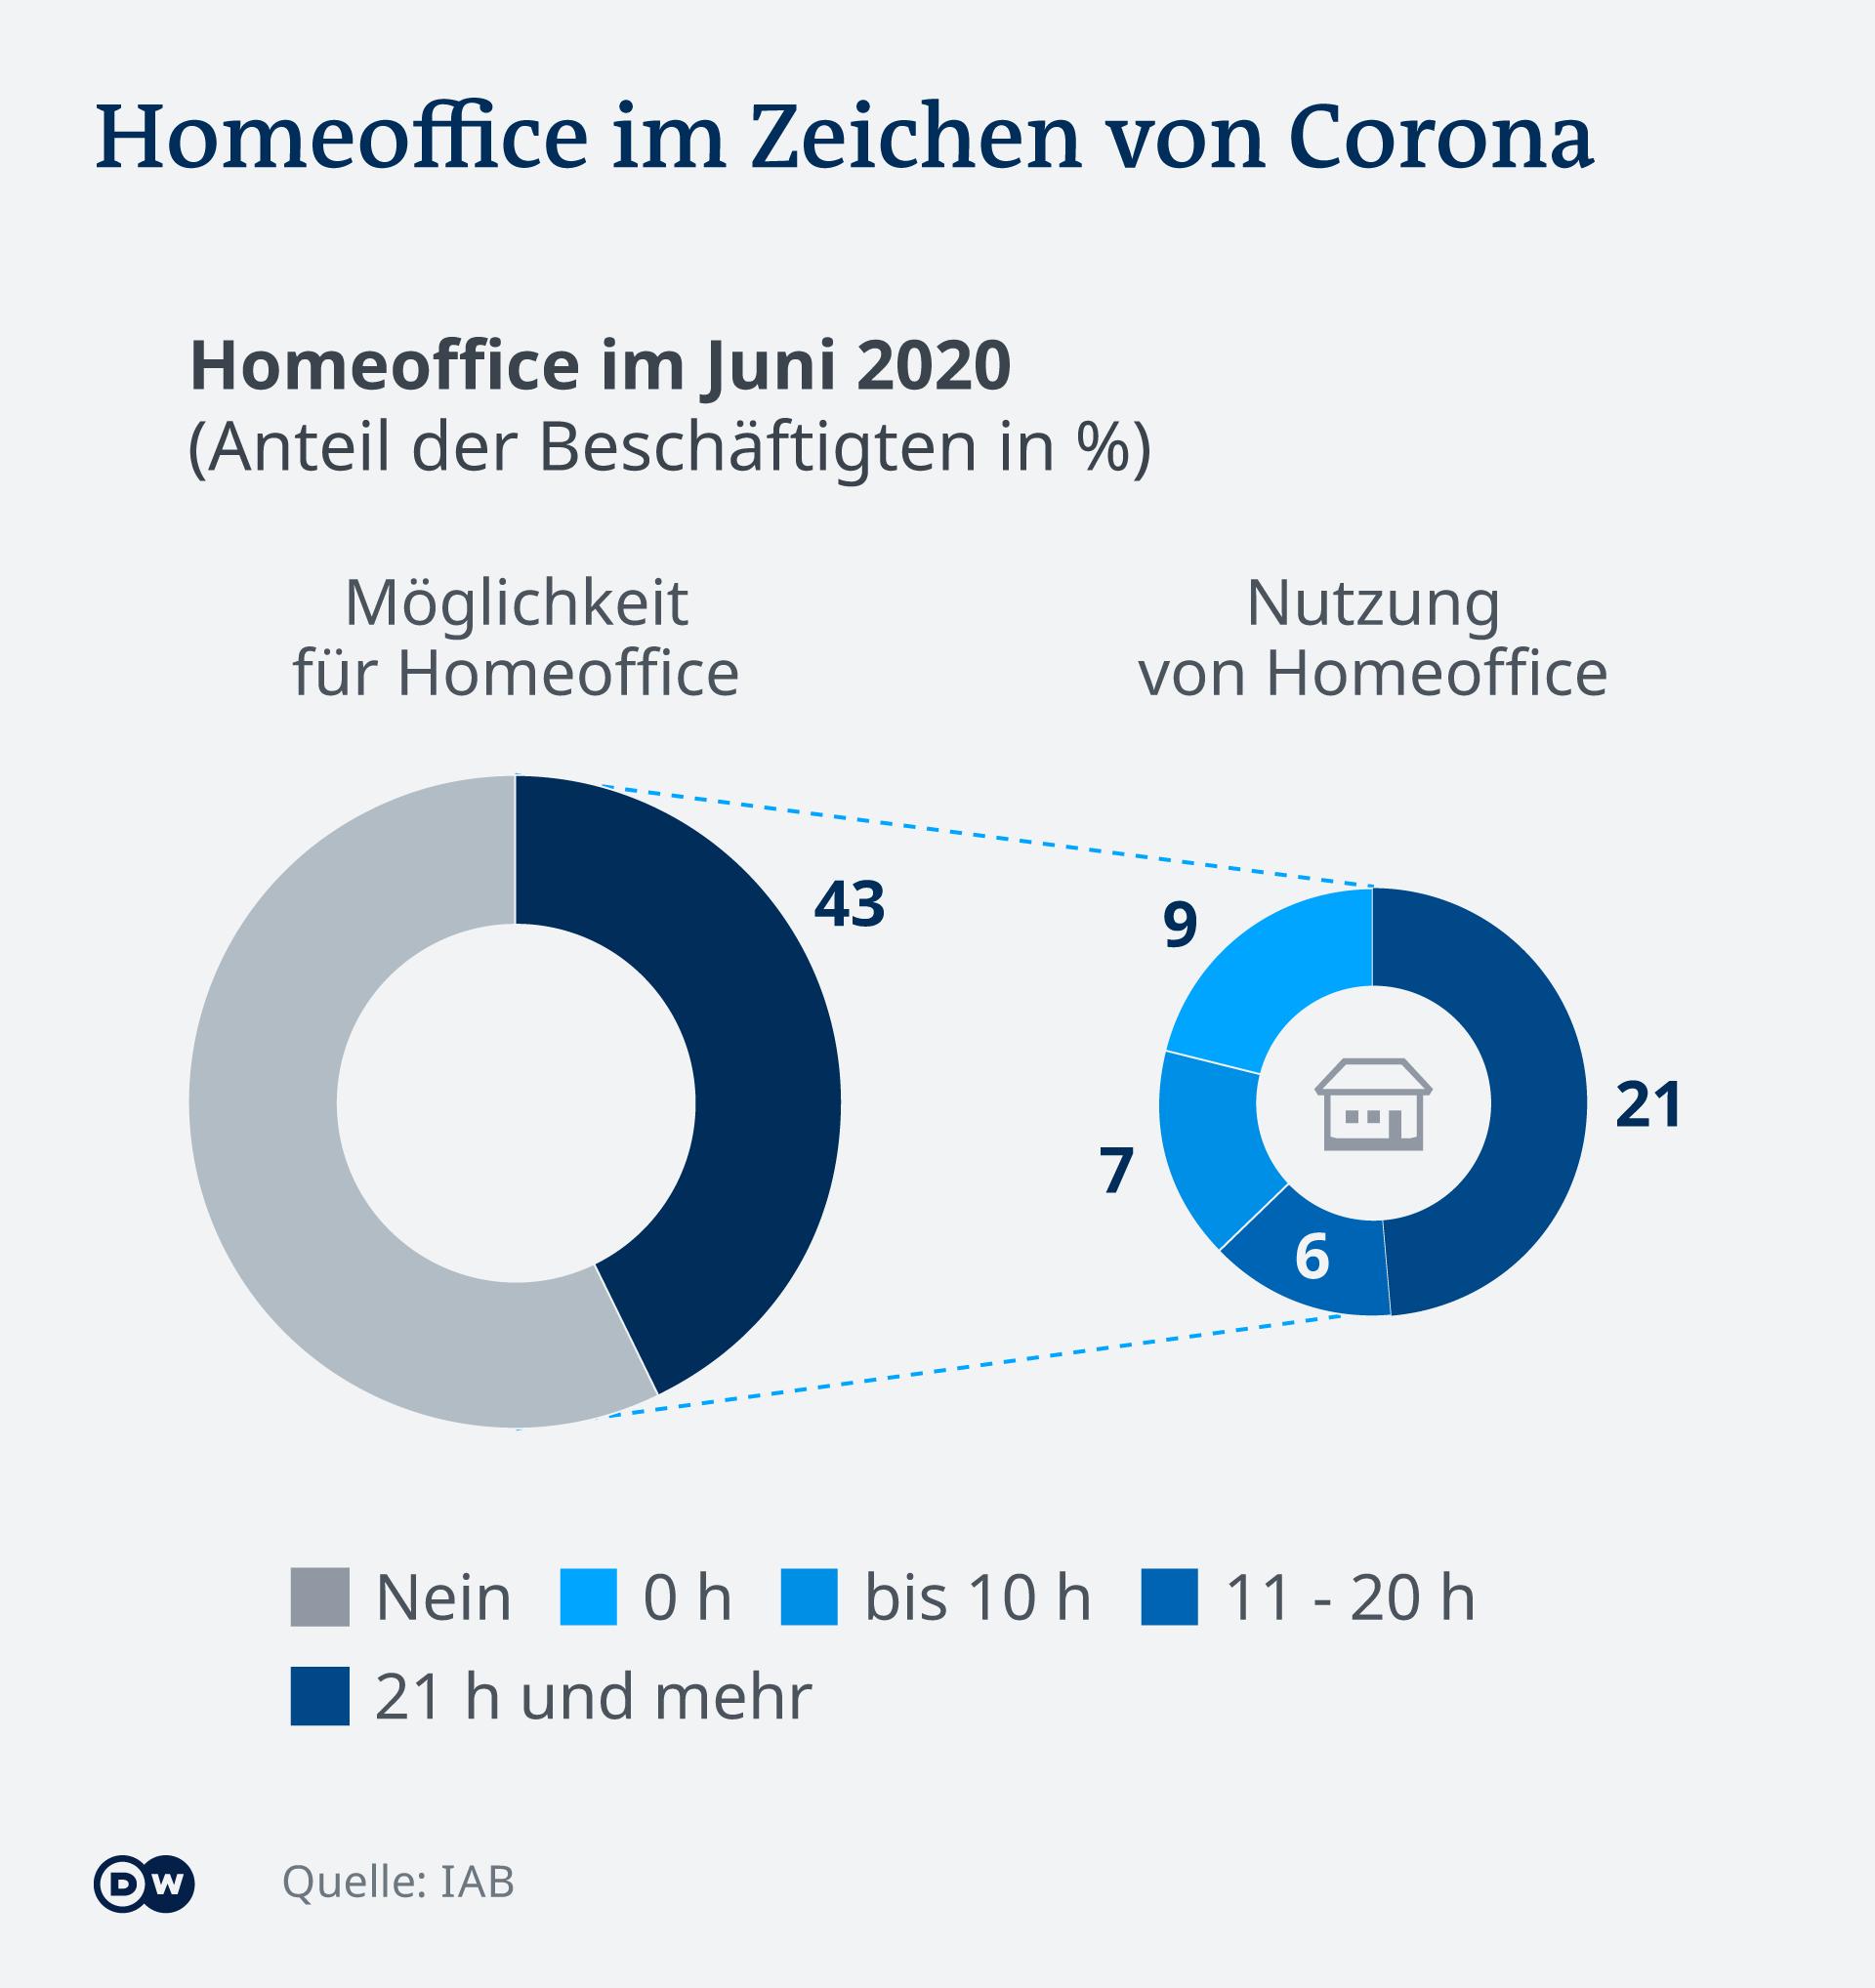 Infografik Homeoffice im Zeichen von Corona DE